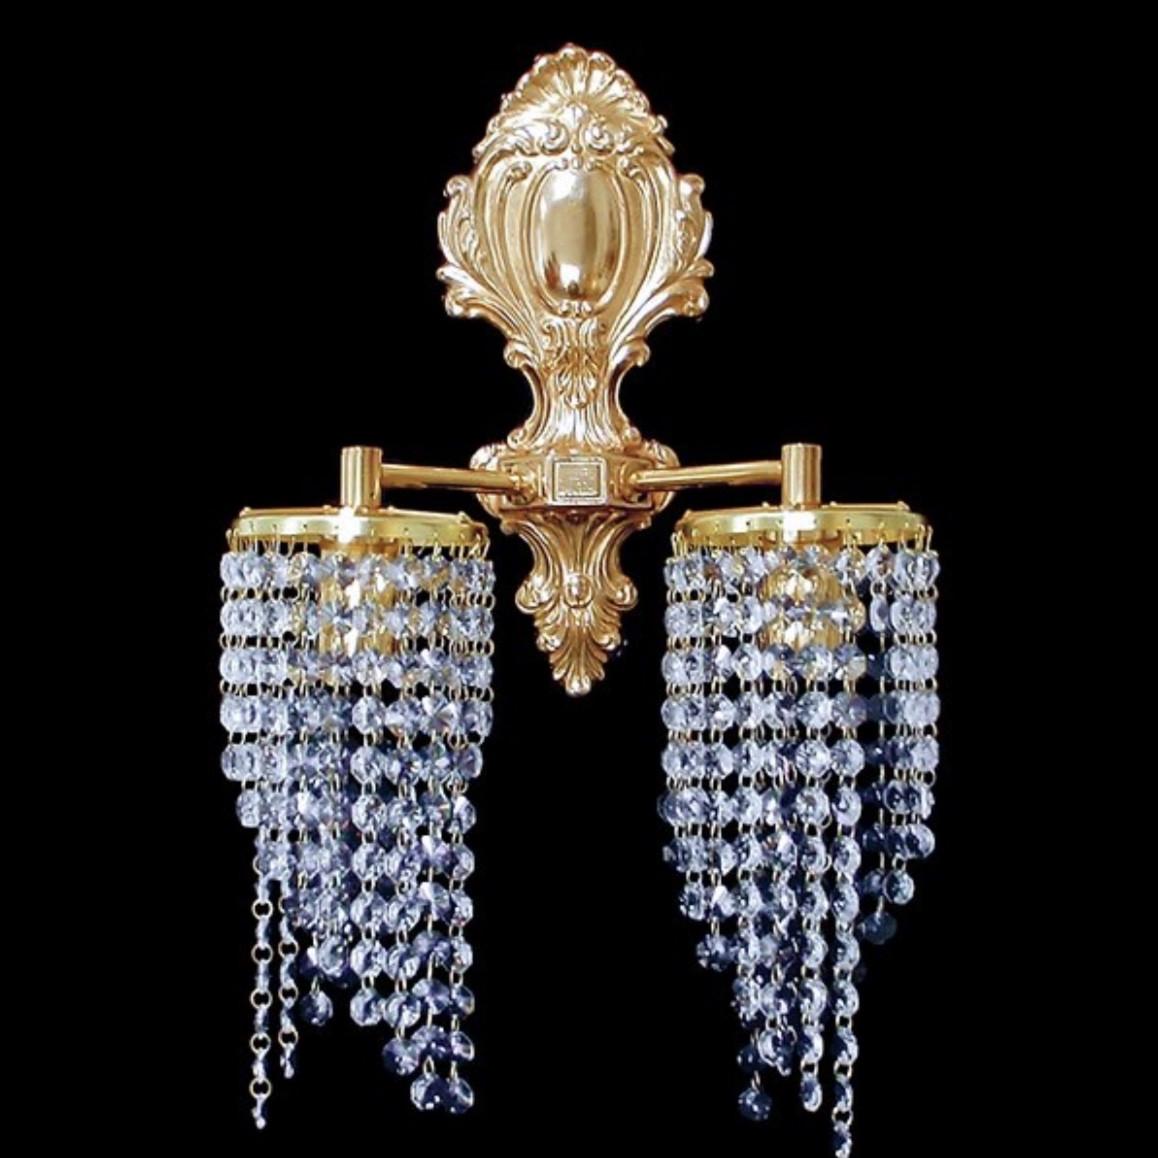 Бра чешские хрустальные коллекция литые светильники